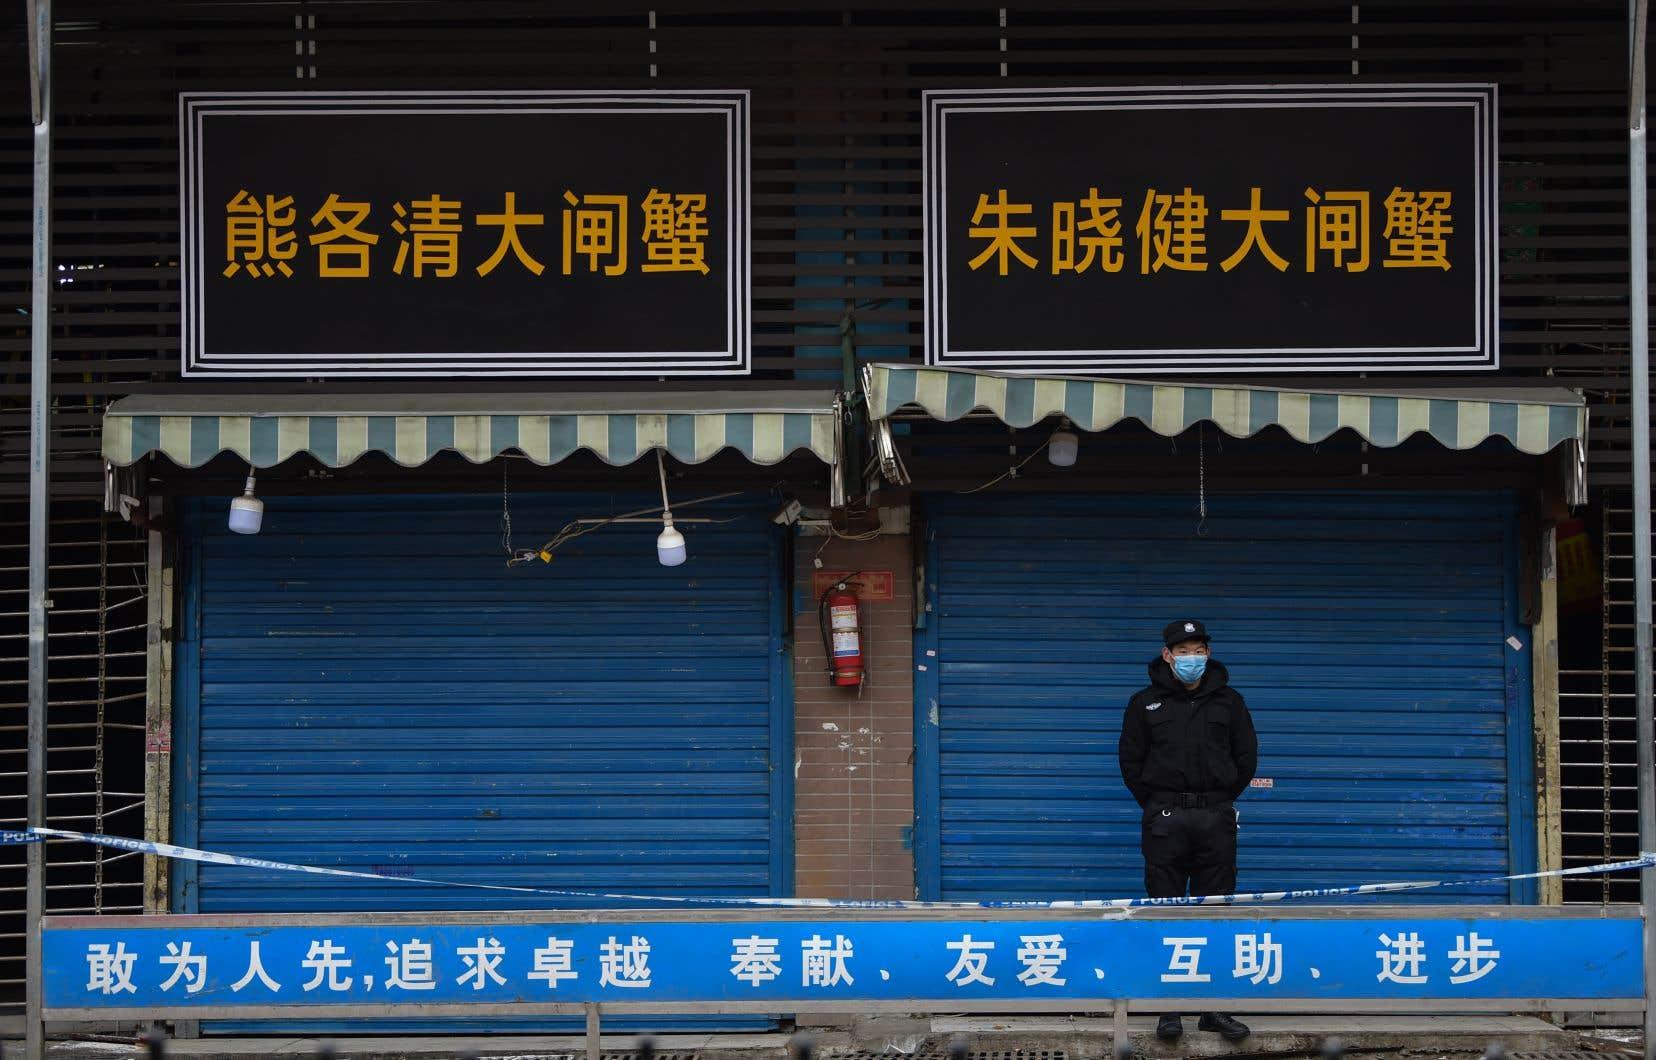 Un gardien de sécurité surveille l'extérieur du marché Huanan Seafood où le coronavirus a été détecté à Wuhan, en Chine.